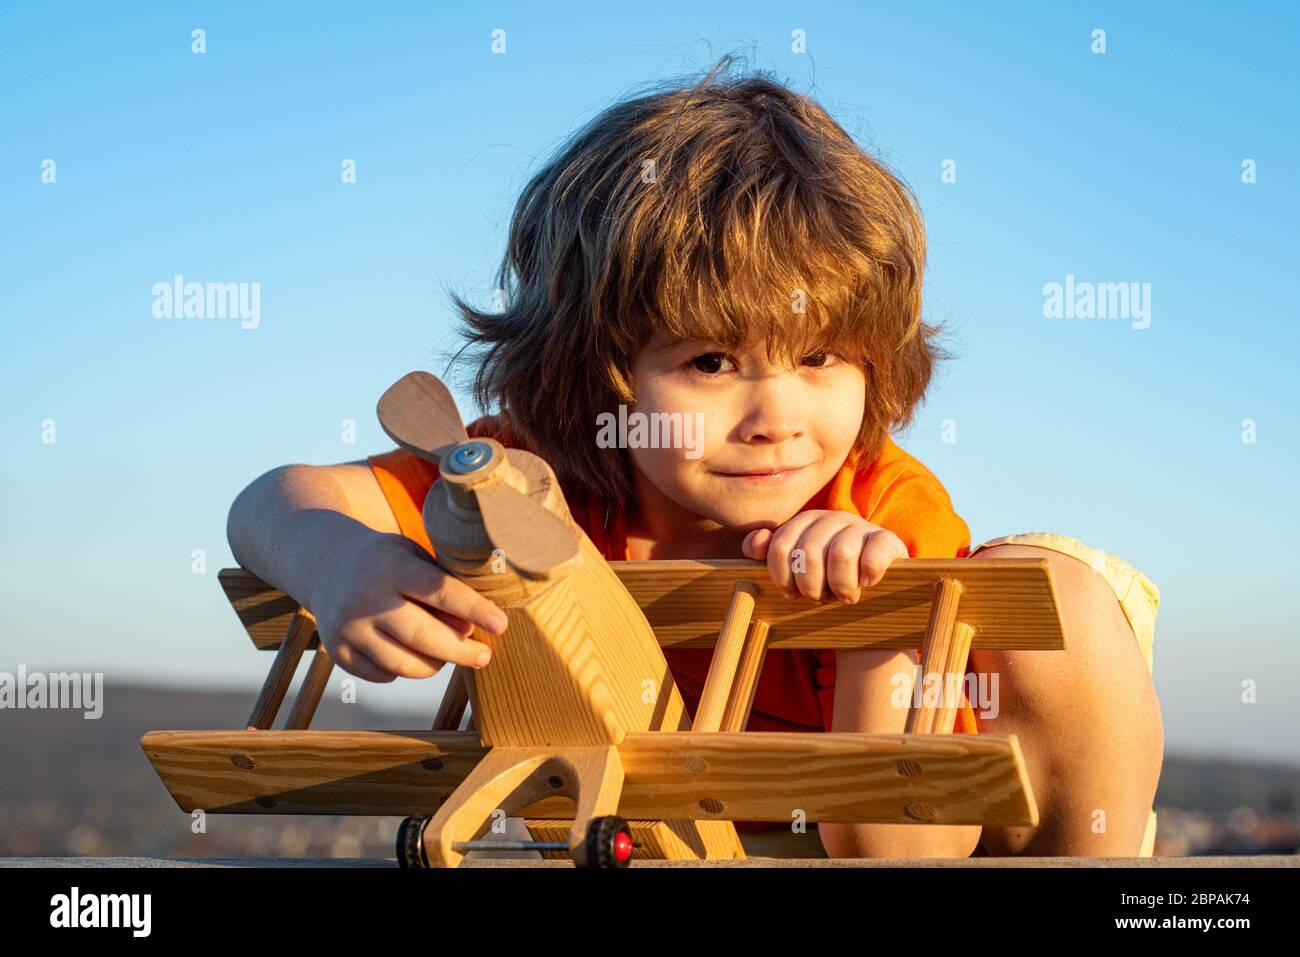 Felice bambino sogni di viaggiare e giocare con l'aereo giocattolo. Piccolo pilota aviatore in esterno contro sfondo blu cielo estivo. Sogni di bambino Foto Stock